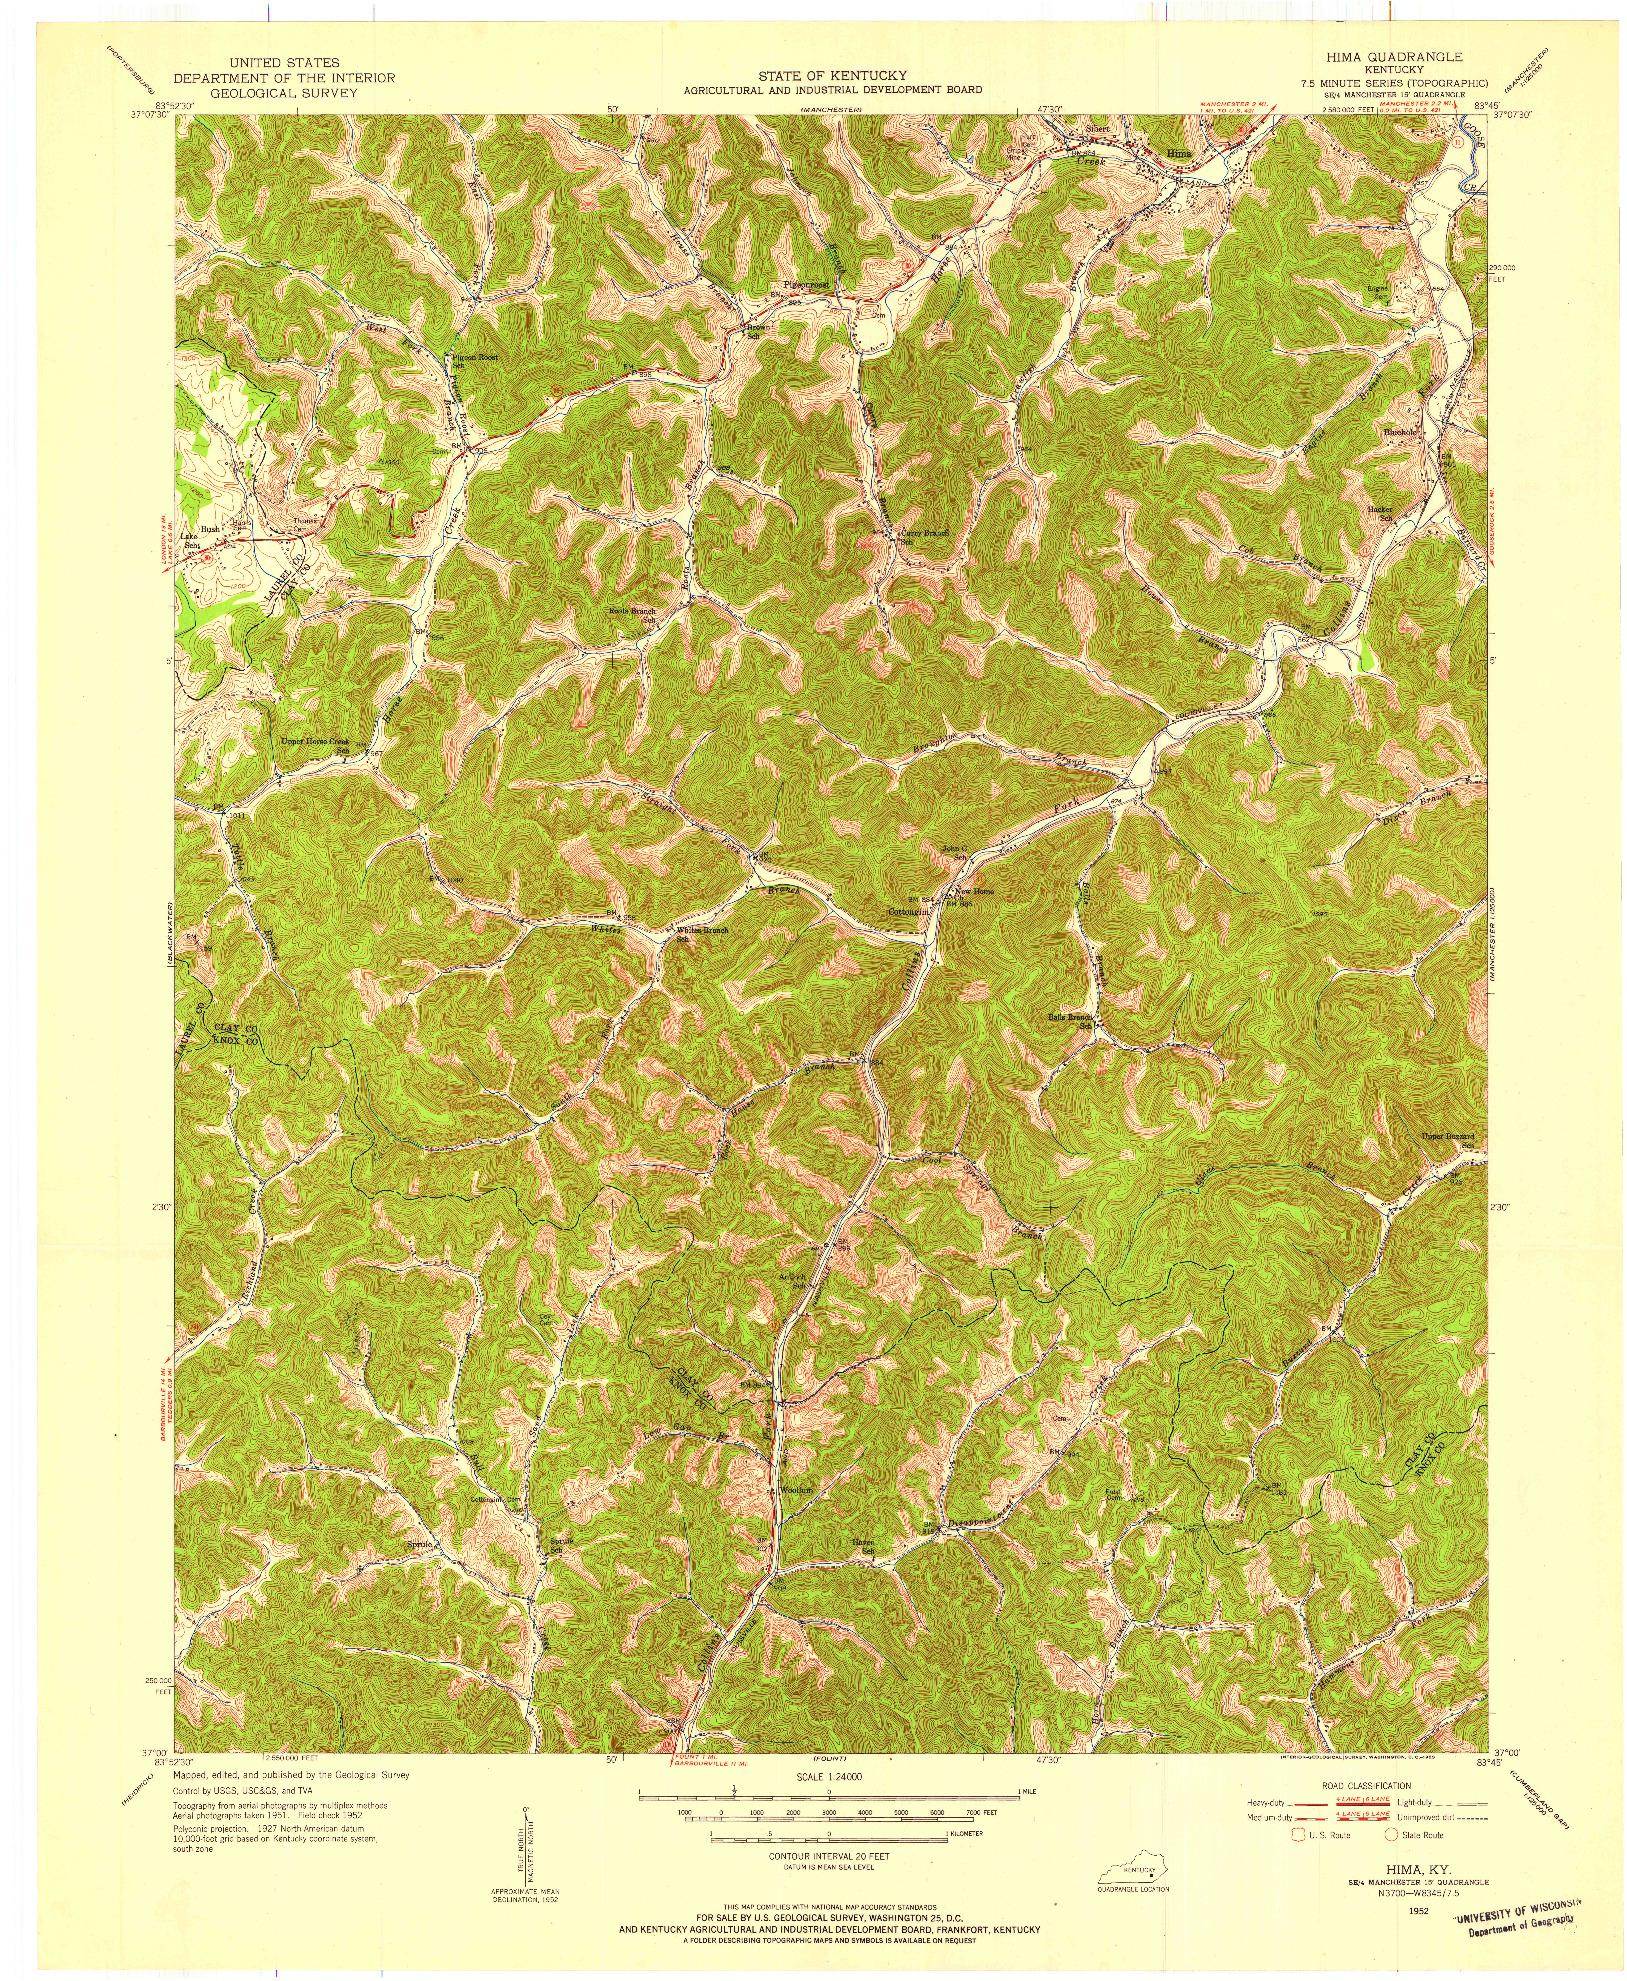 USGS 1:24000-SCALE QUADRANGLE FOR HIMA, KY 1952